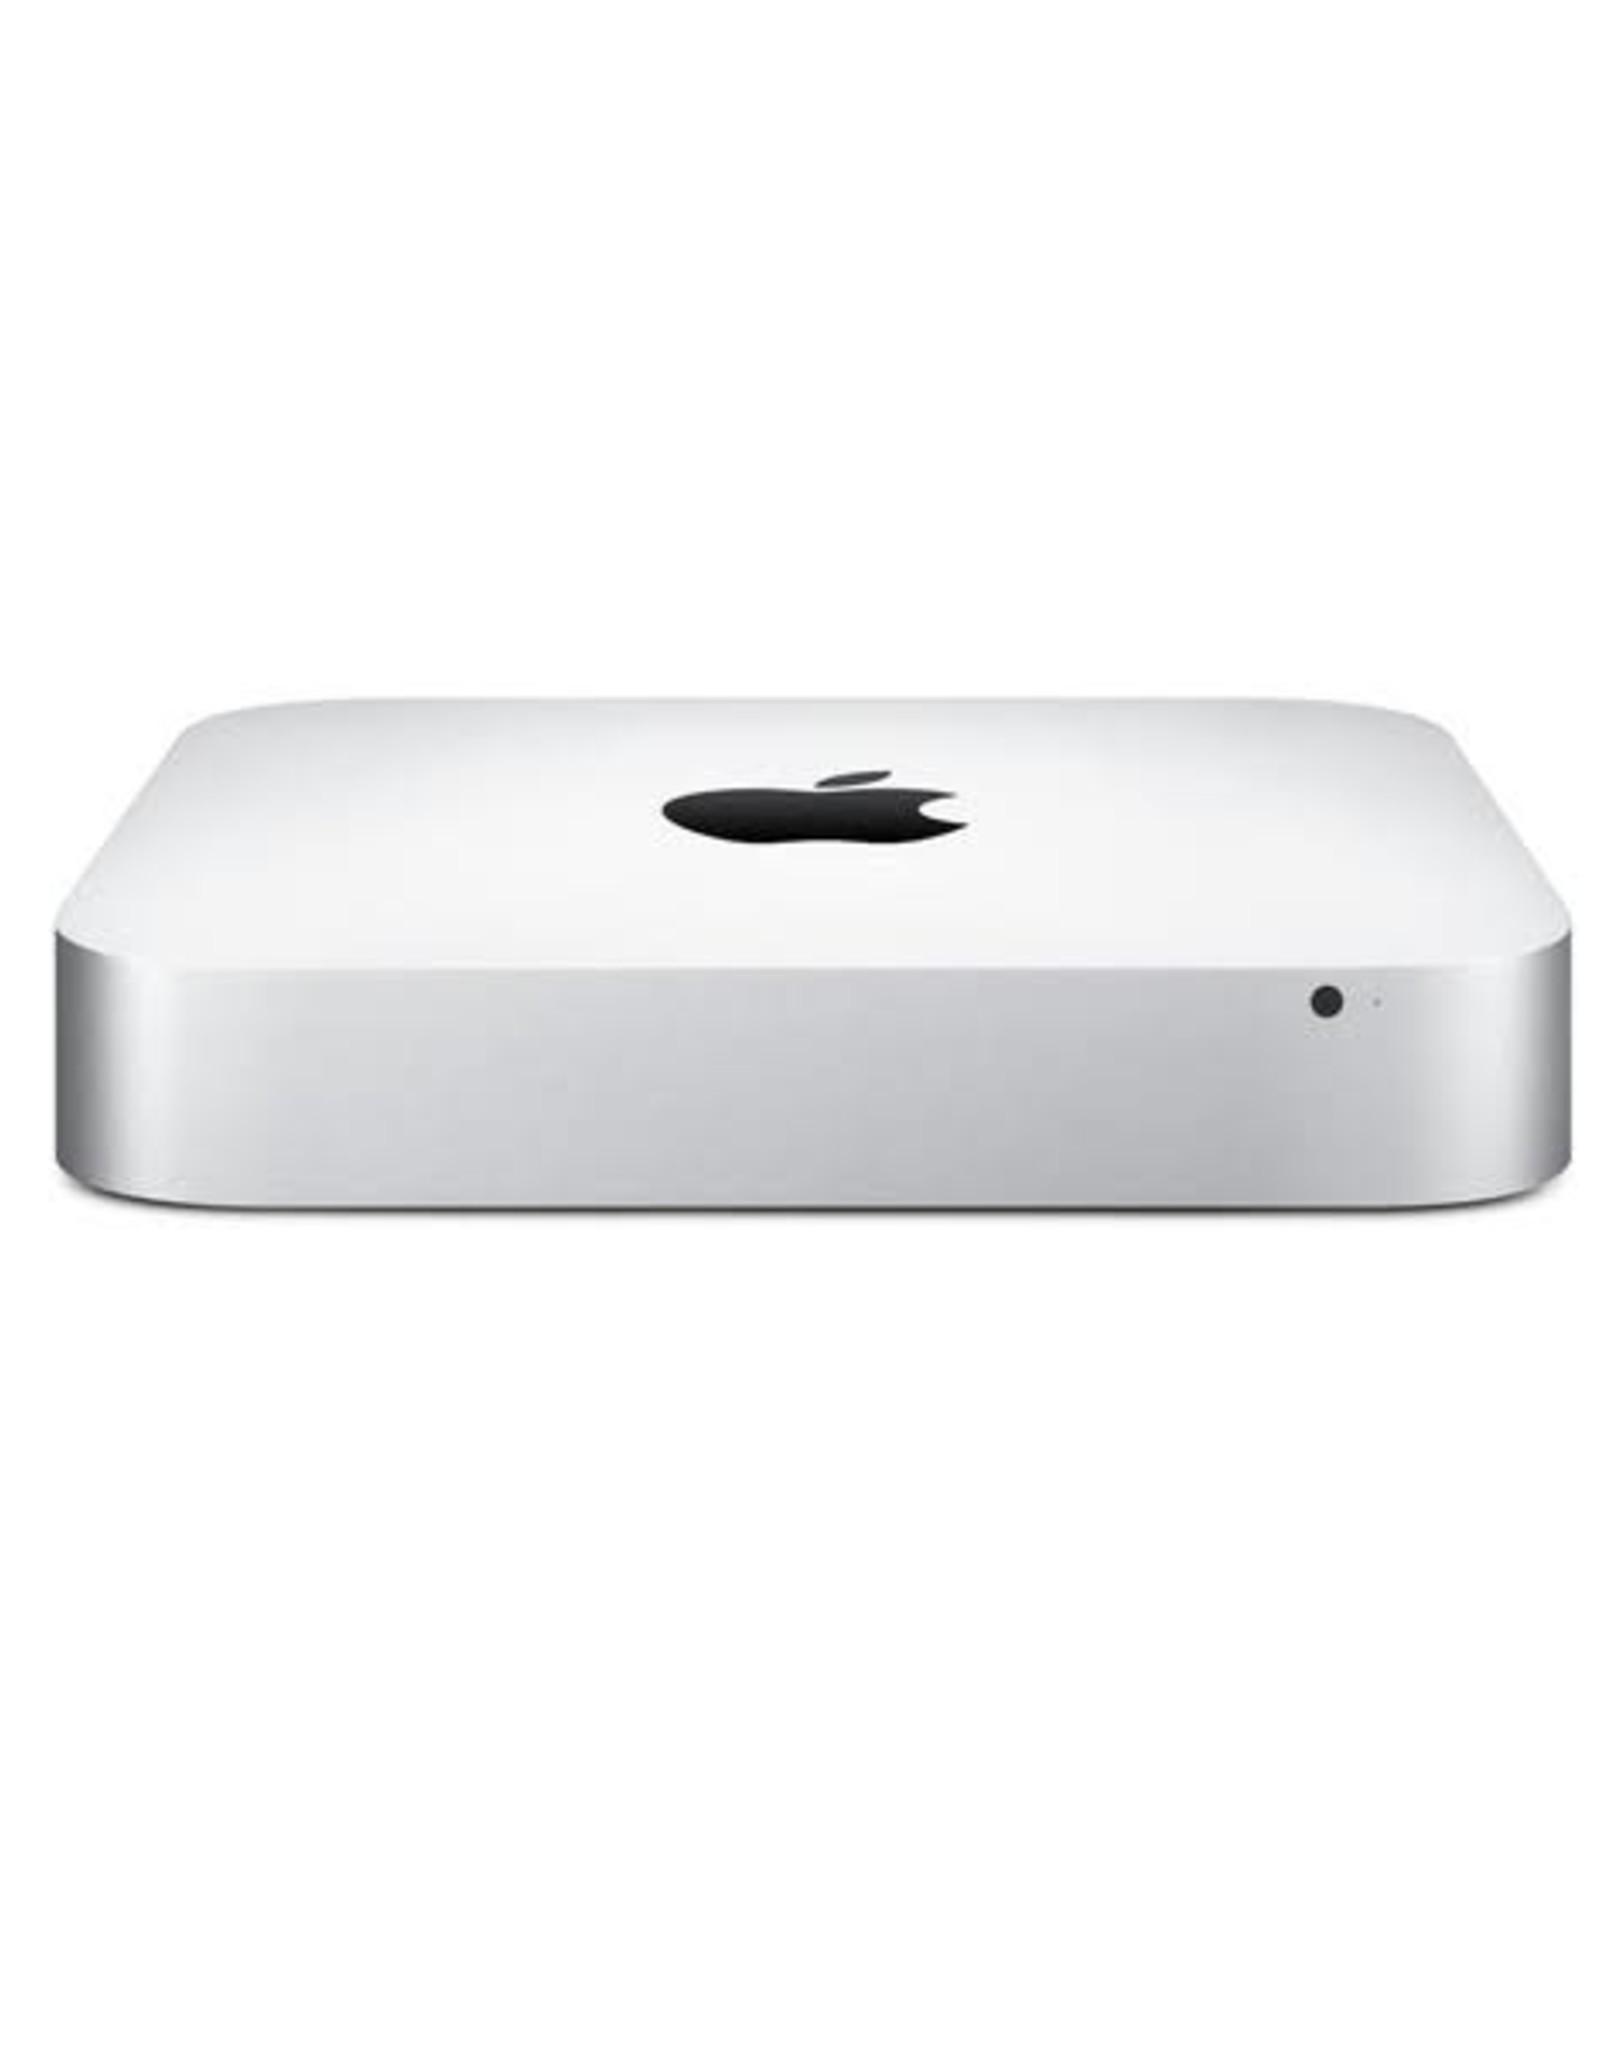 Apple MAC MINI 1.4GHZ DUAL-CORE INTEL CORE I5/4GB/500GB/INTEL HD GRAPHICS